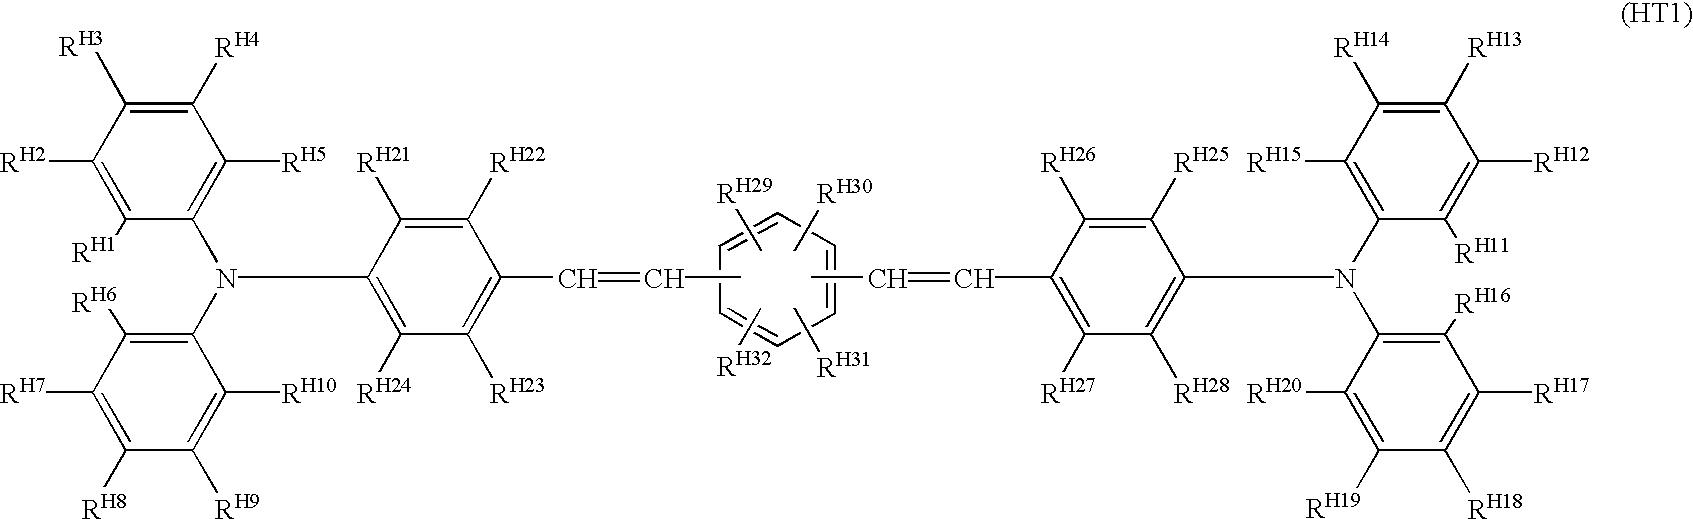 Figure US06485873-20021126-C00141